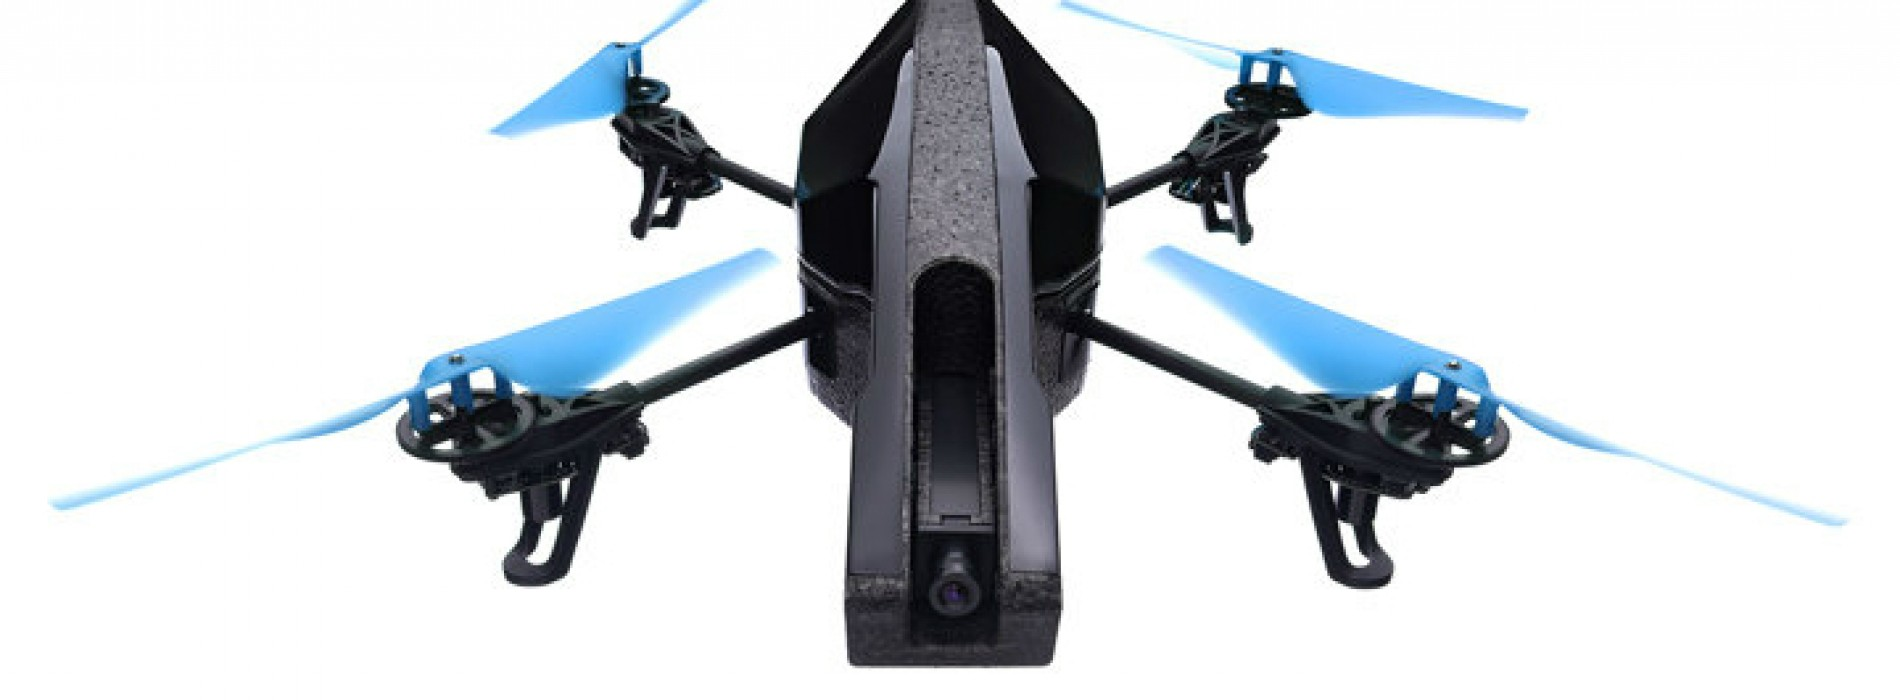 Parrot announces AR.Drone 2.0 Power Edition